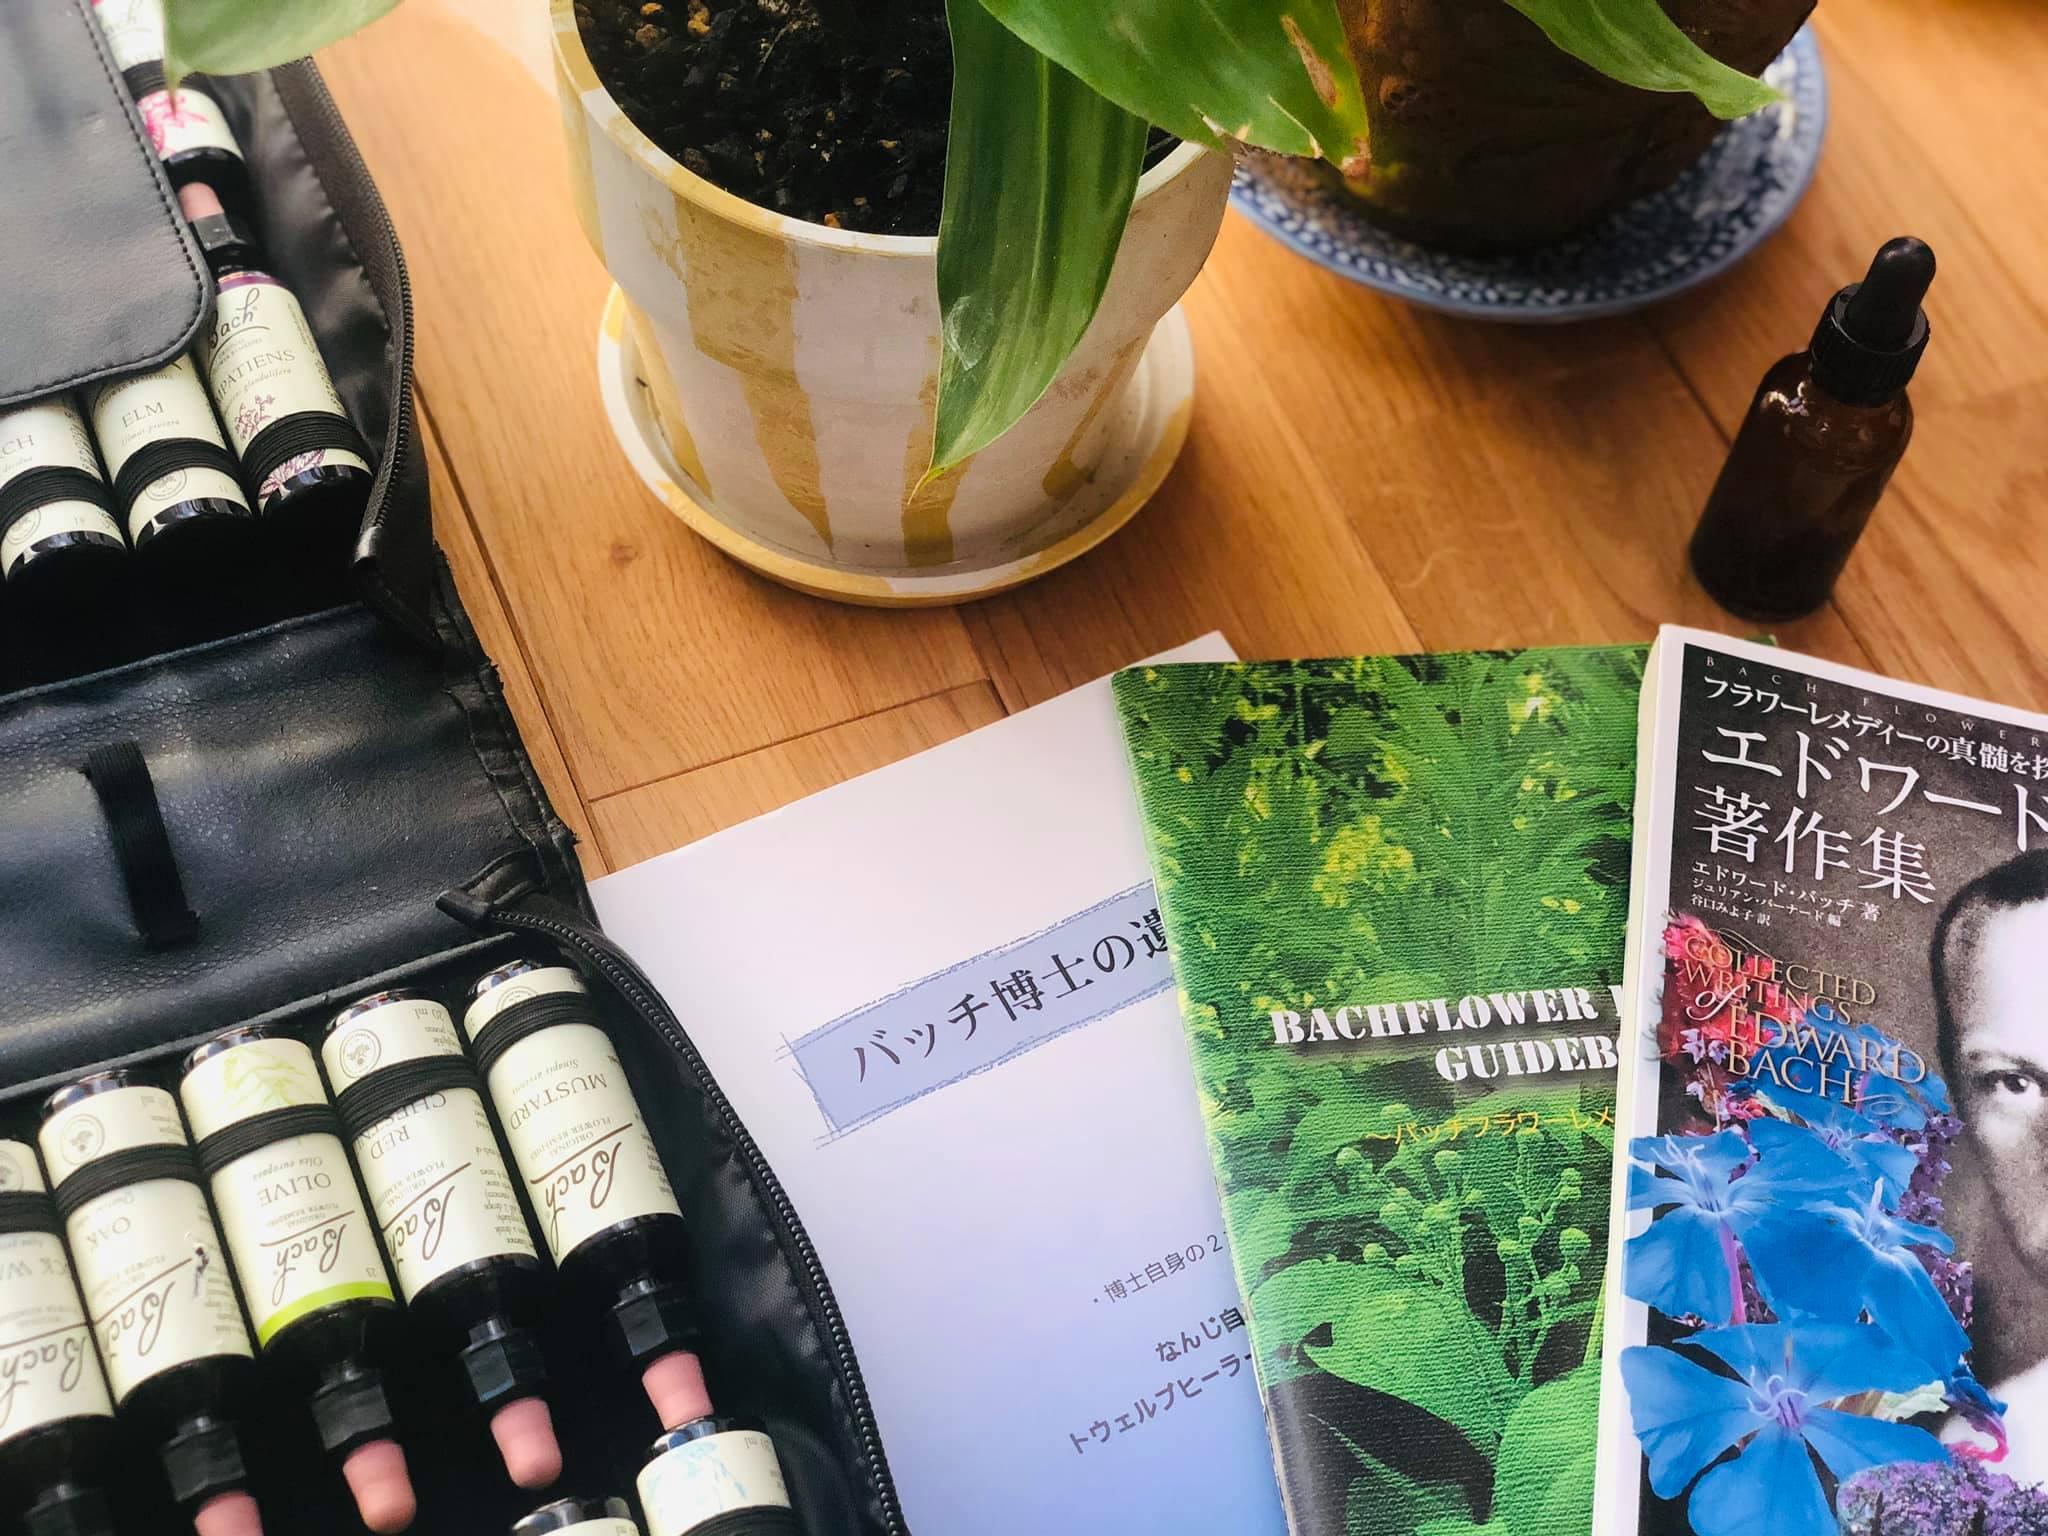 11月スタート秋冬シーズン❁読書と瞑想の会